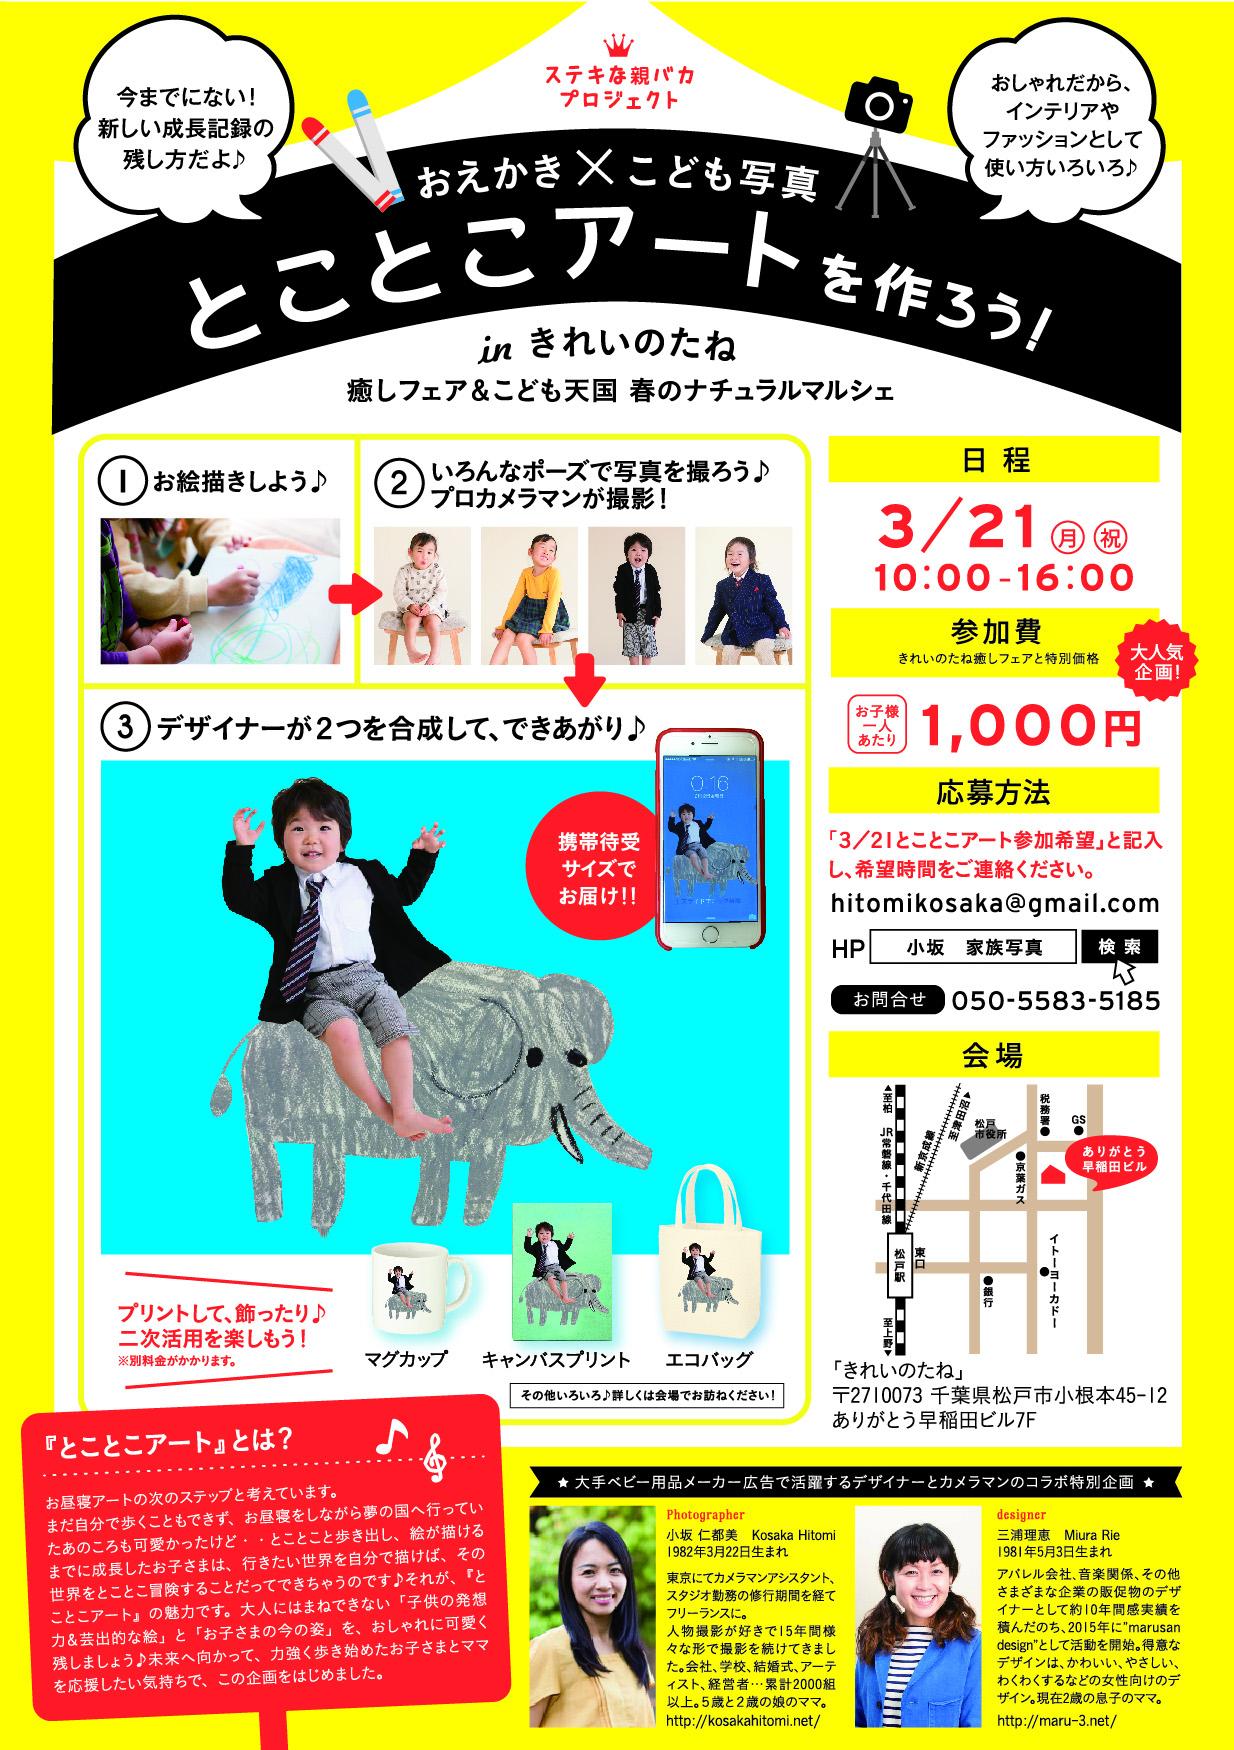 tokotoko_kirei